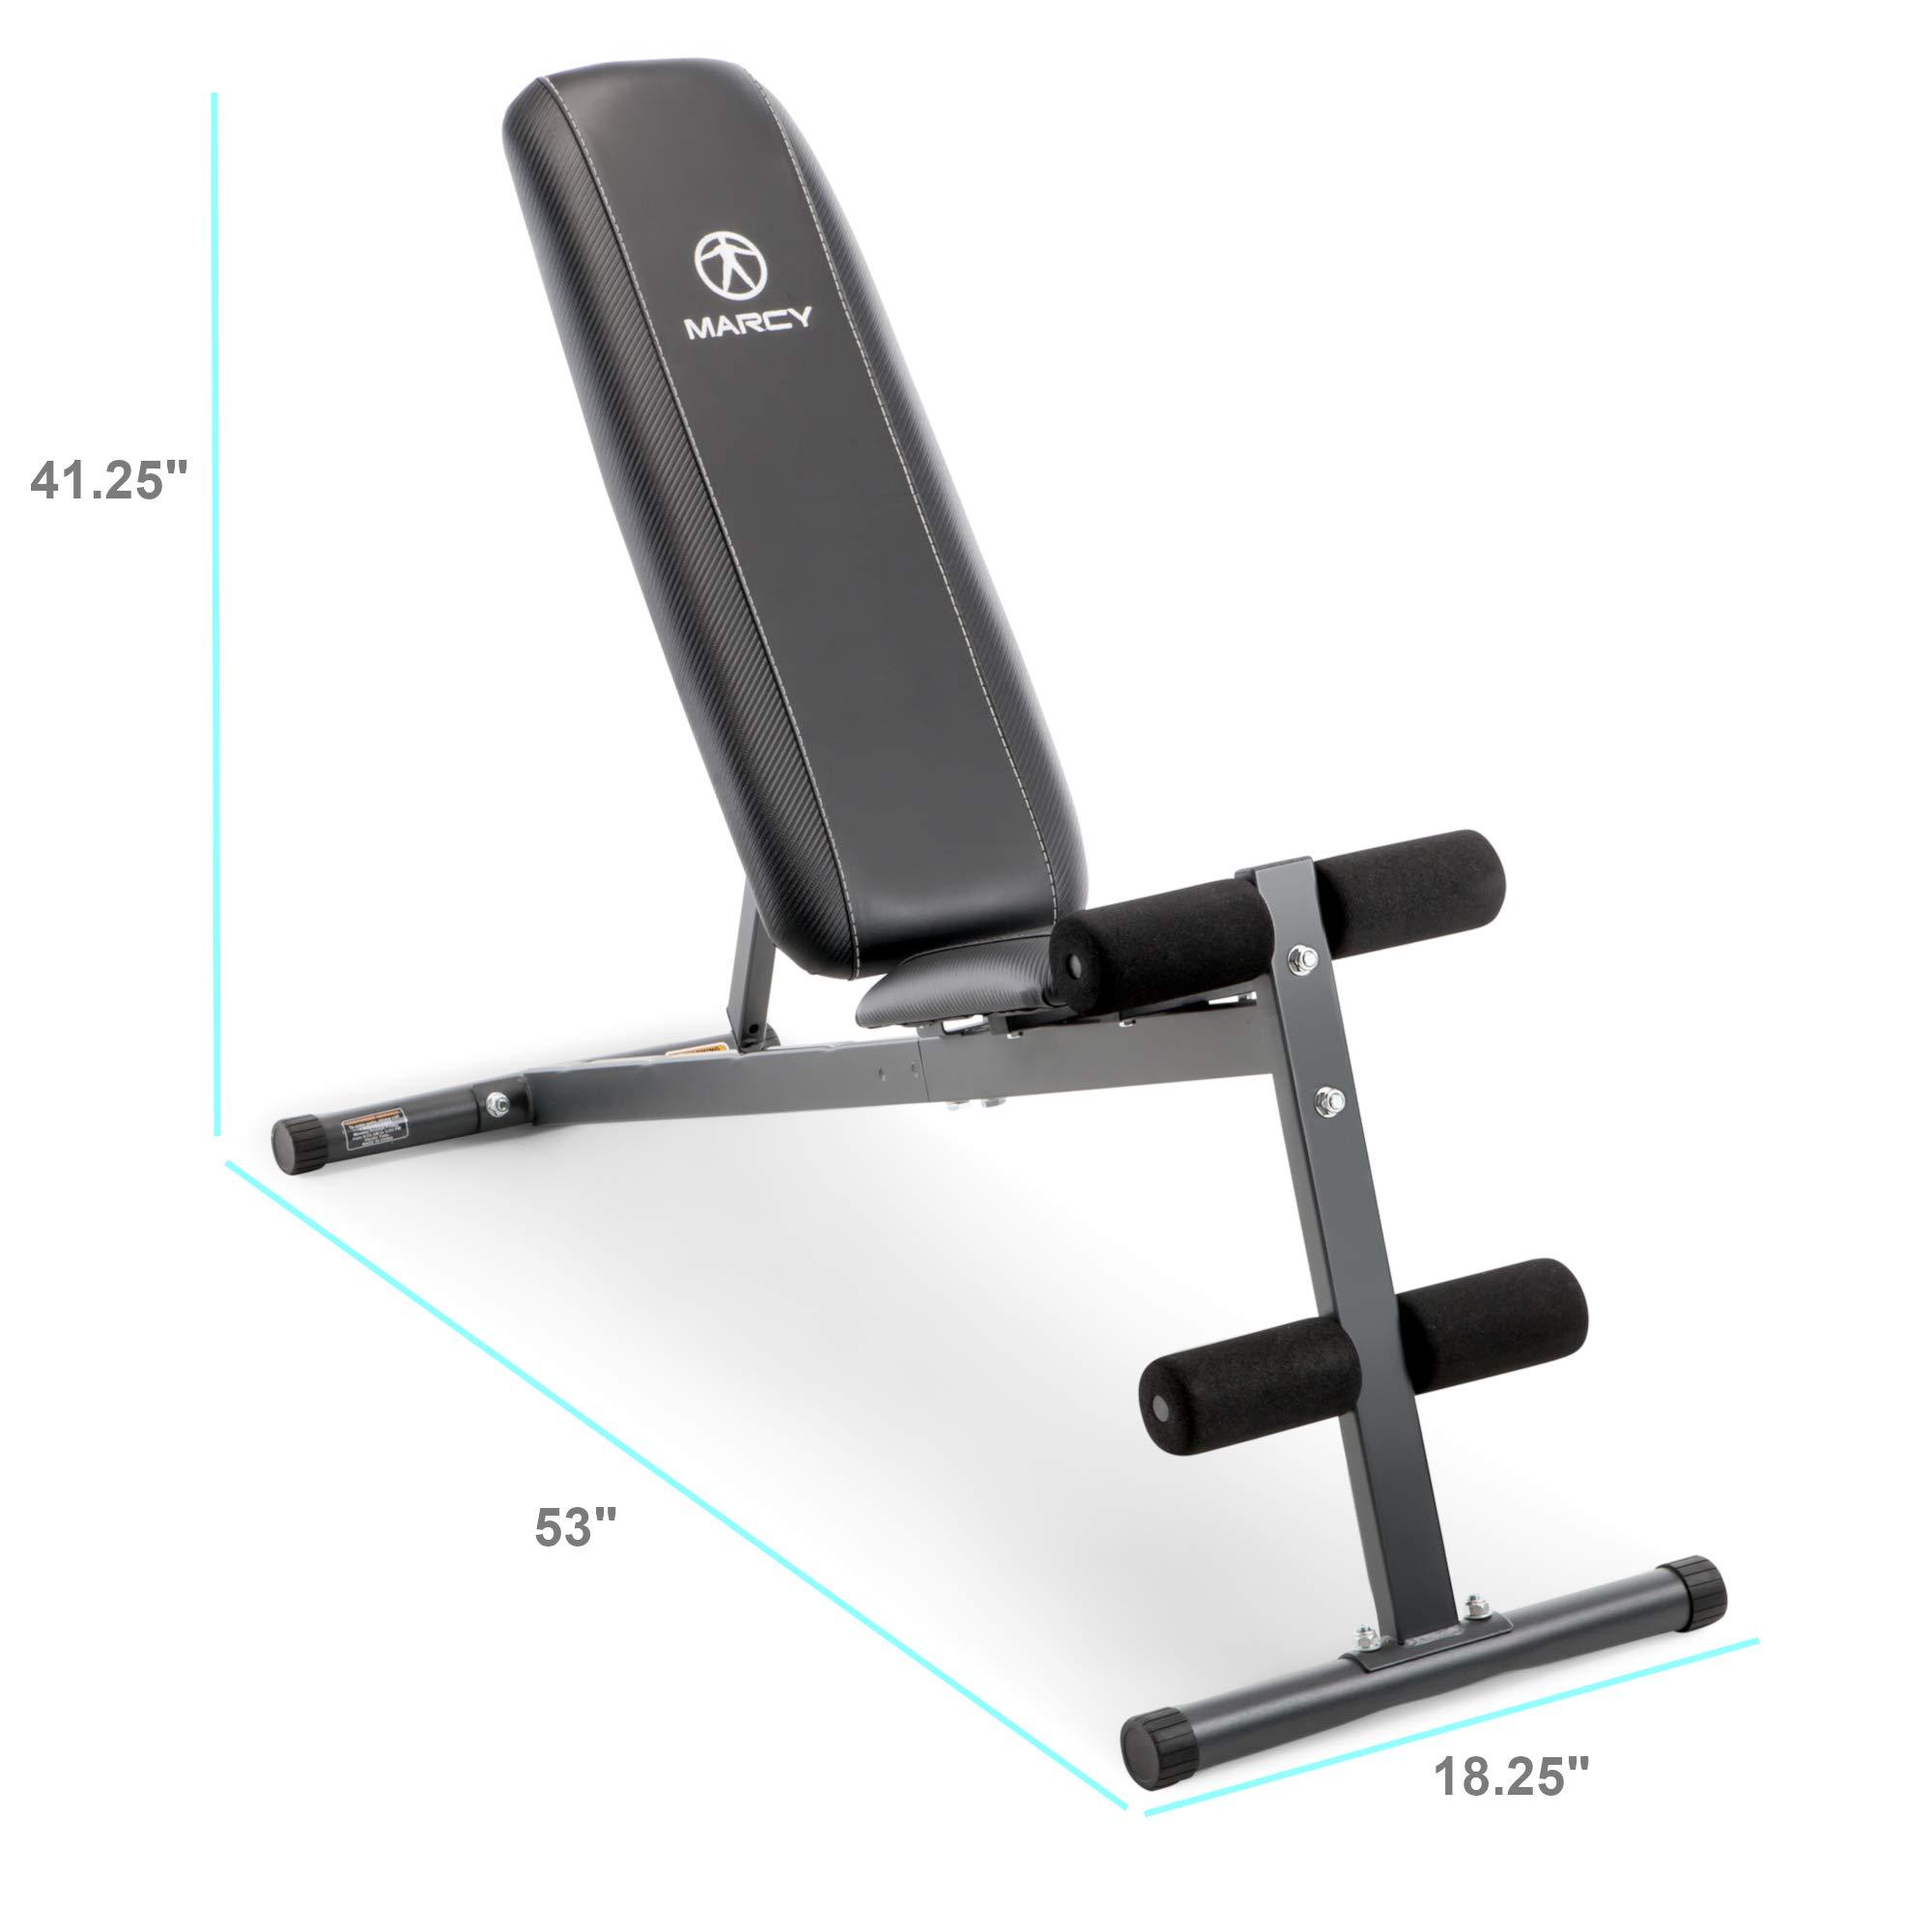 Marcy Exercise Utility Upright SB 261W